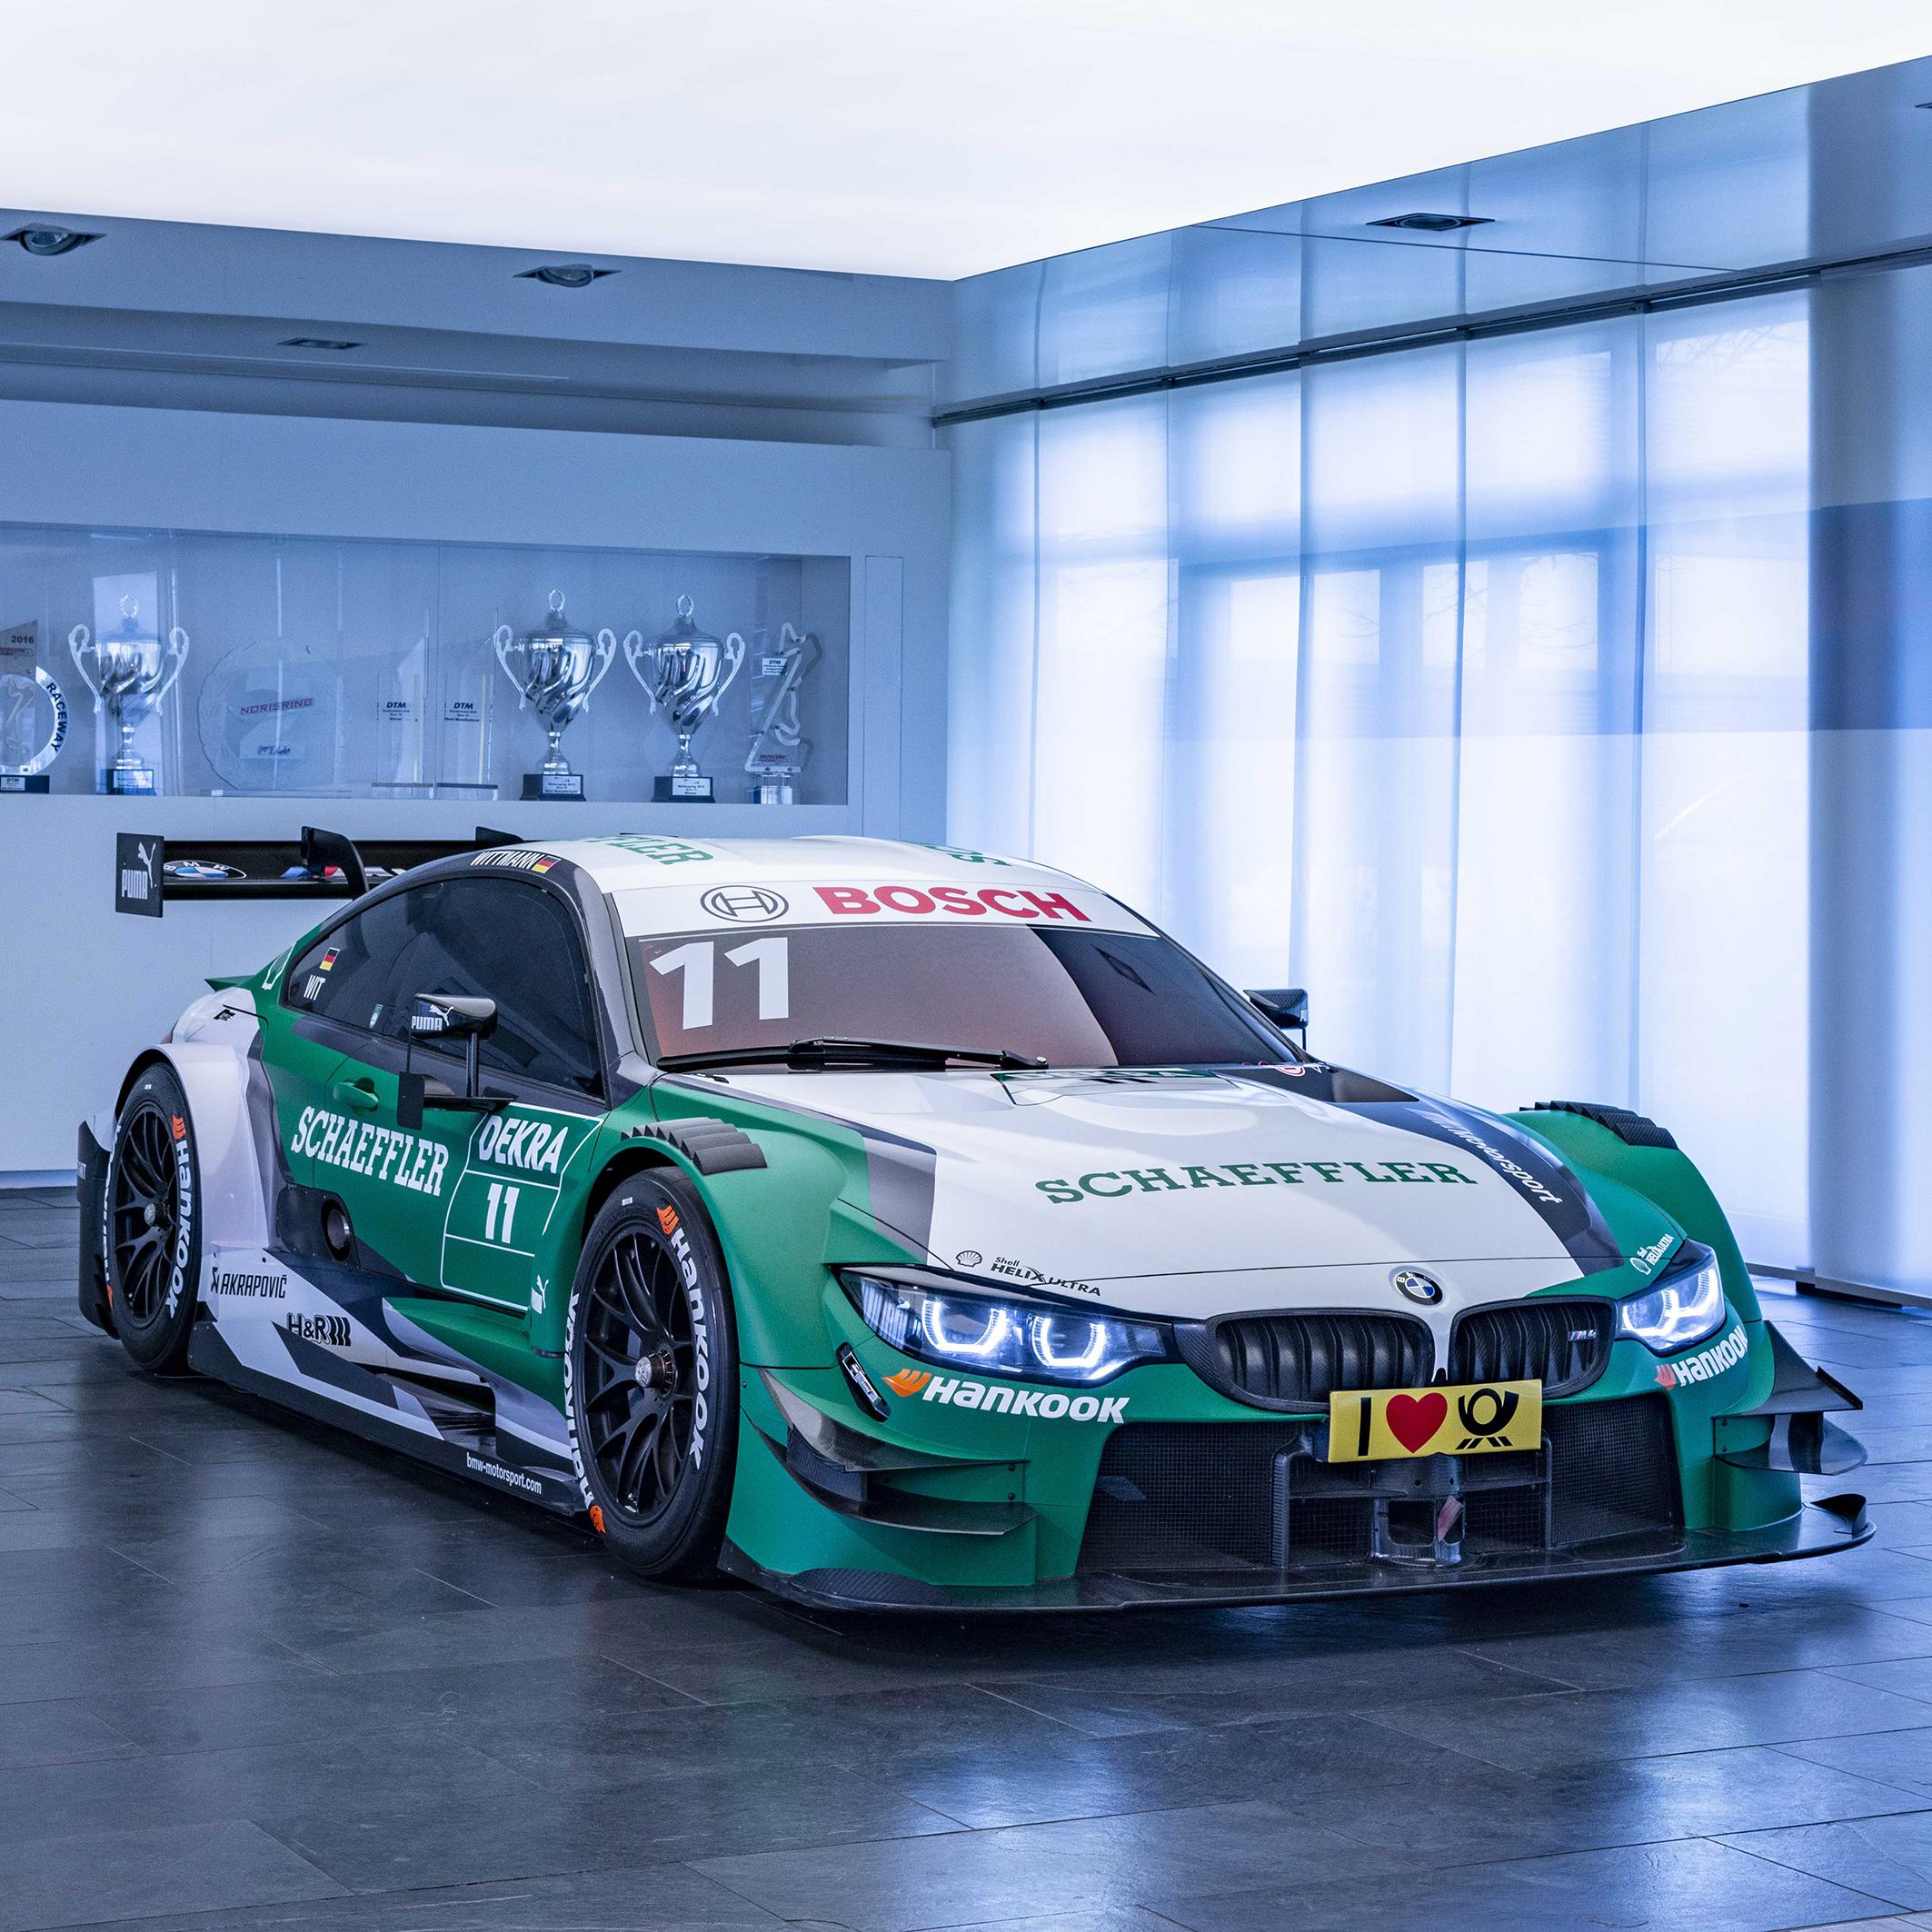 Schaeffler Is The New Premium Partner To Bmw M Motorsport In The Dtm